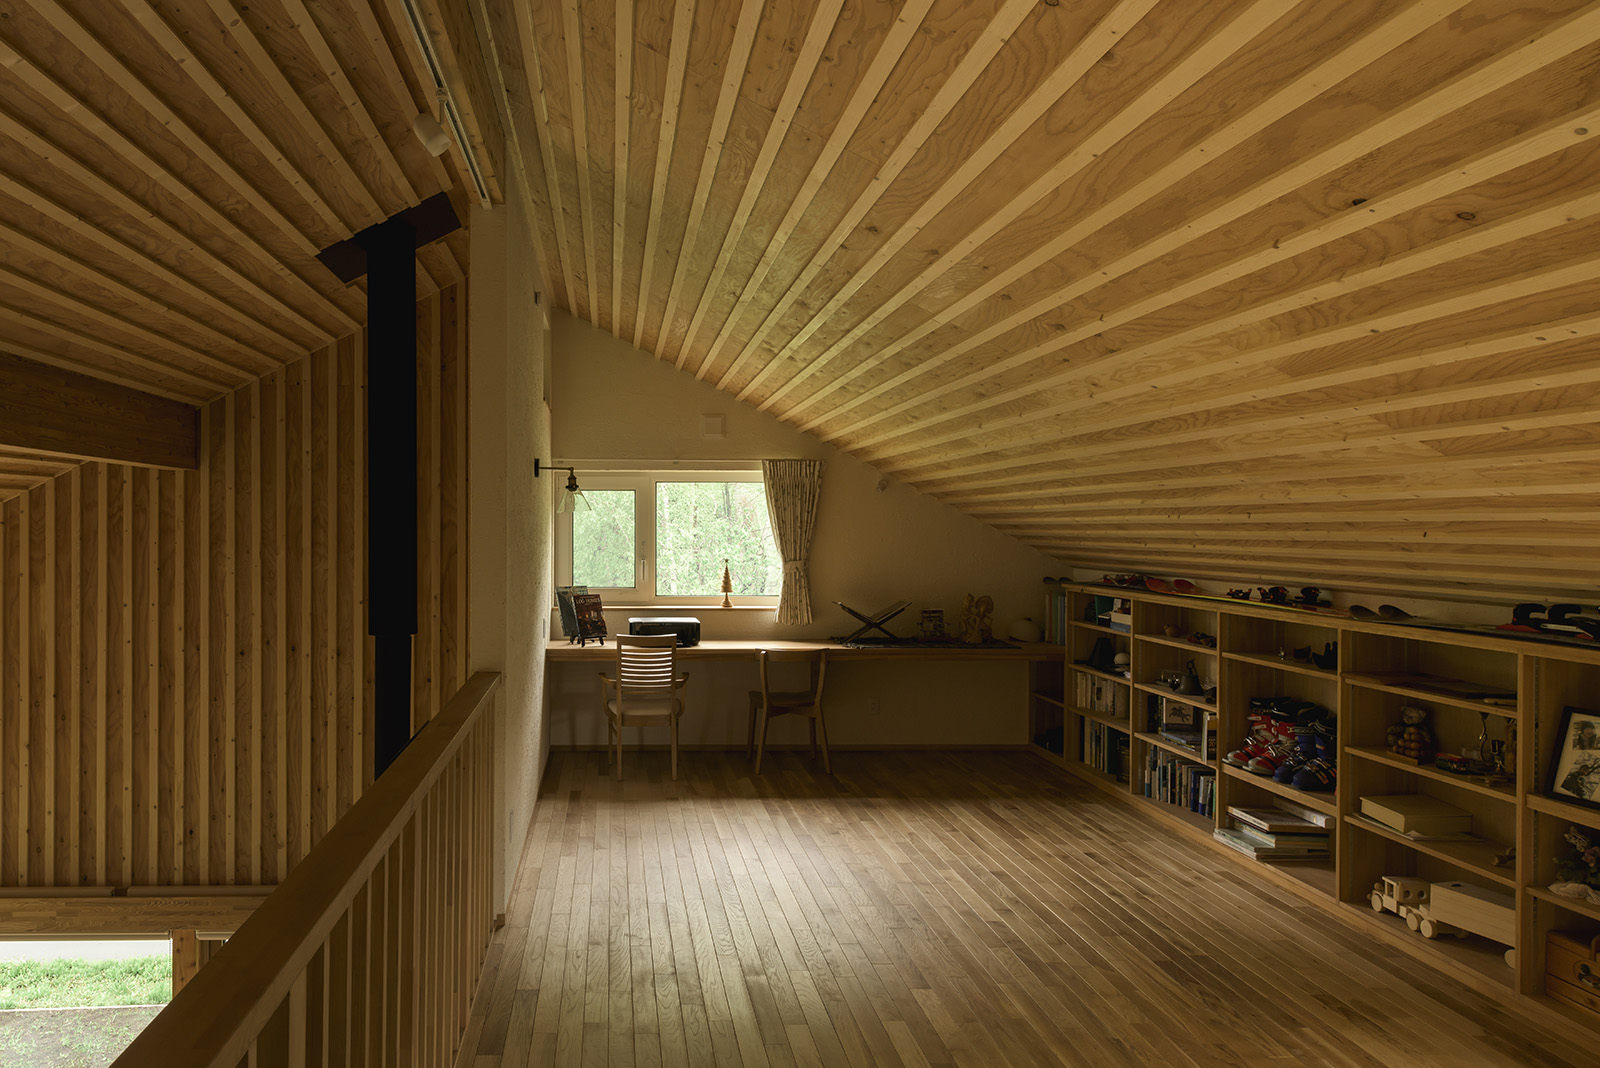 書斎を設けた2階のロフト風フリースペース。「山小屋に憧れていたので、それらしい雰囲気がお気に入りです」と奥さん。カヌー仲間が寝袋を並べて眠ることもあるそう